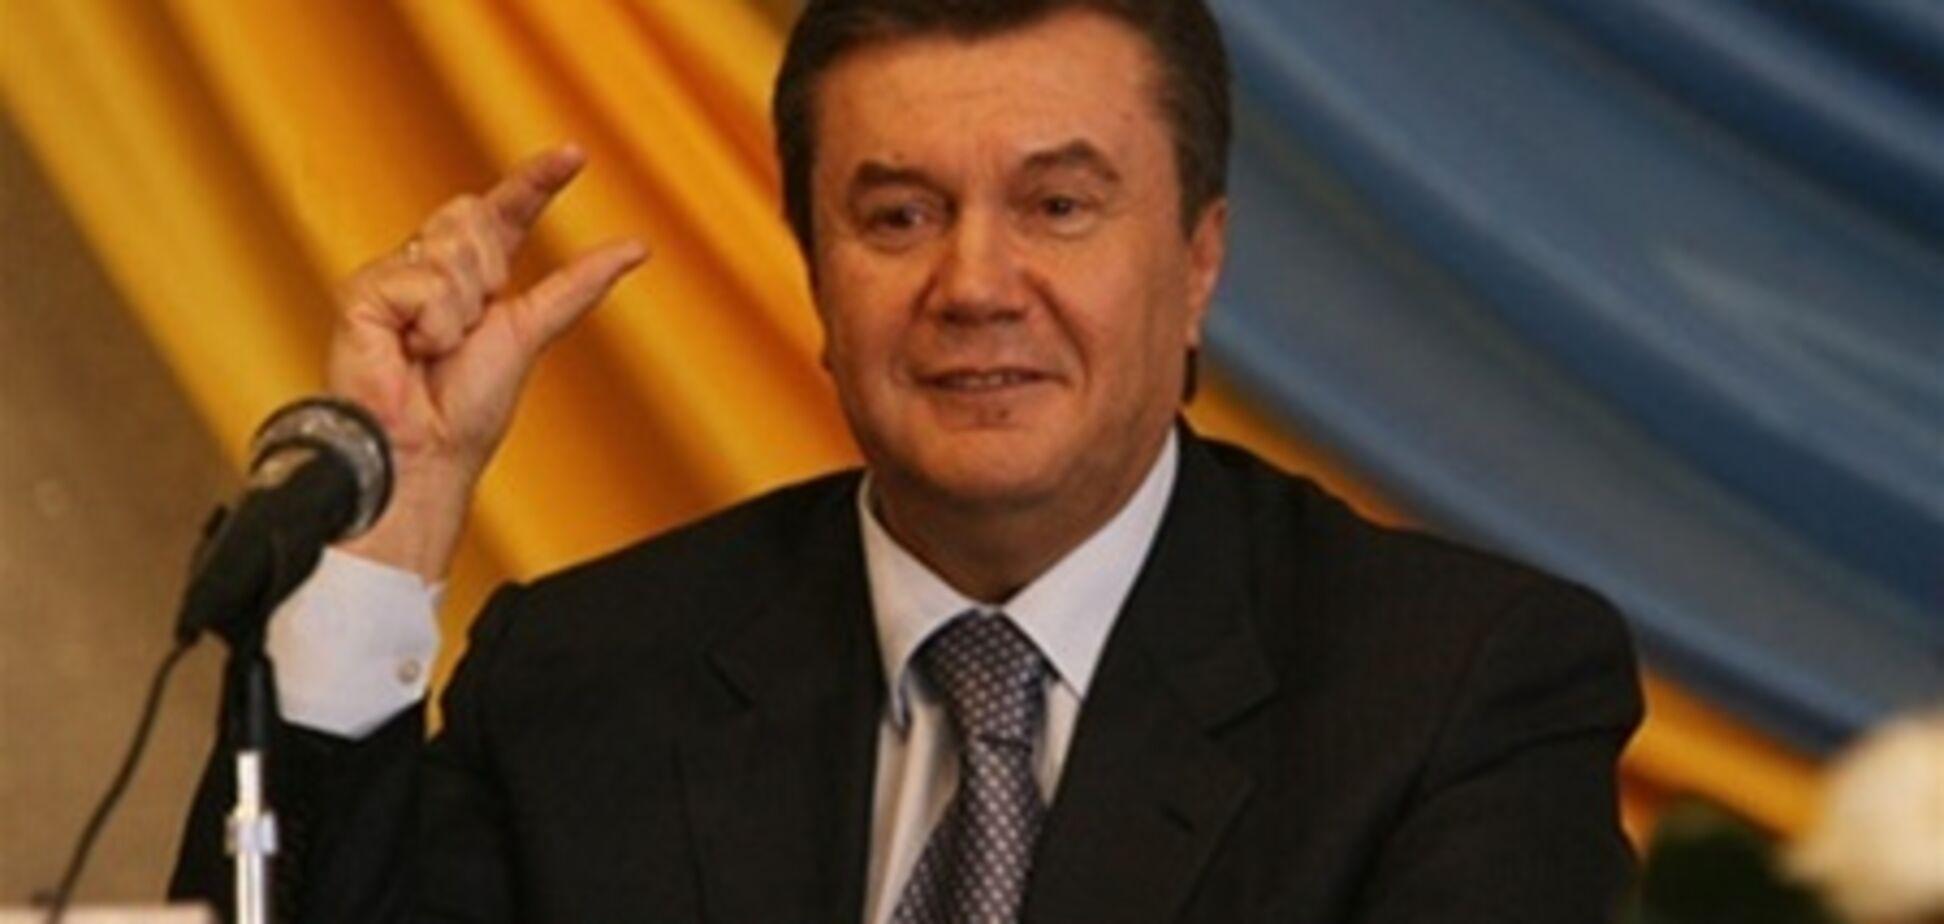 Янукович получил в 2012 более 20 млн грн дохода